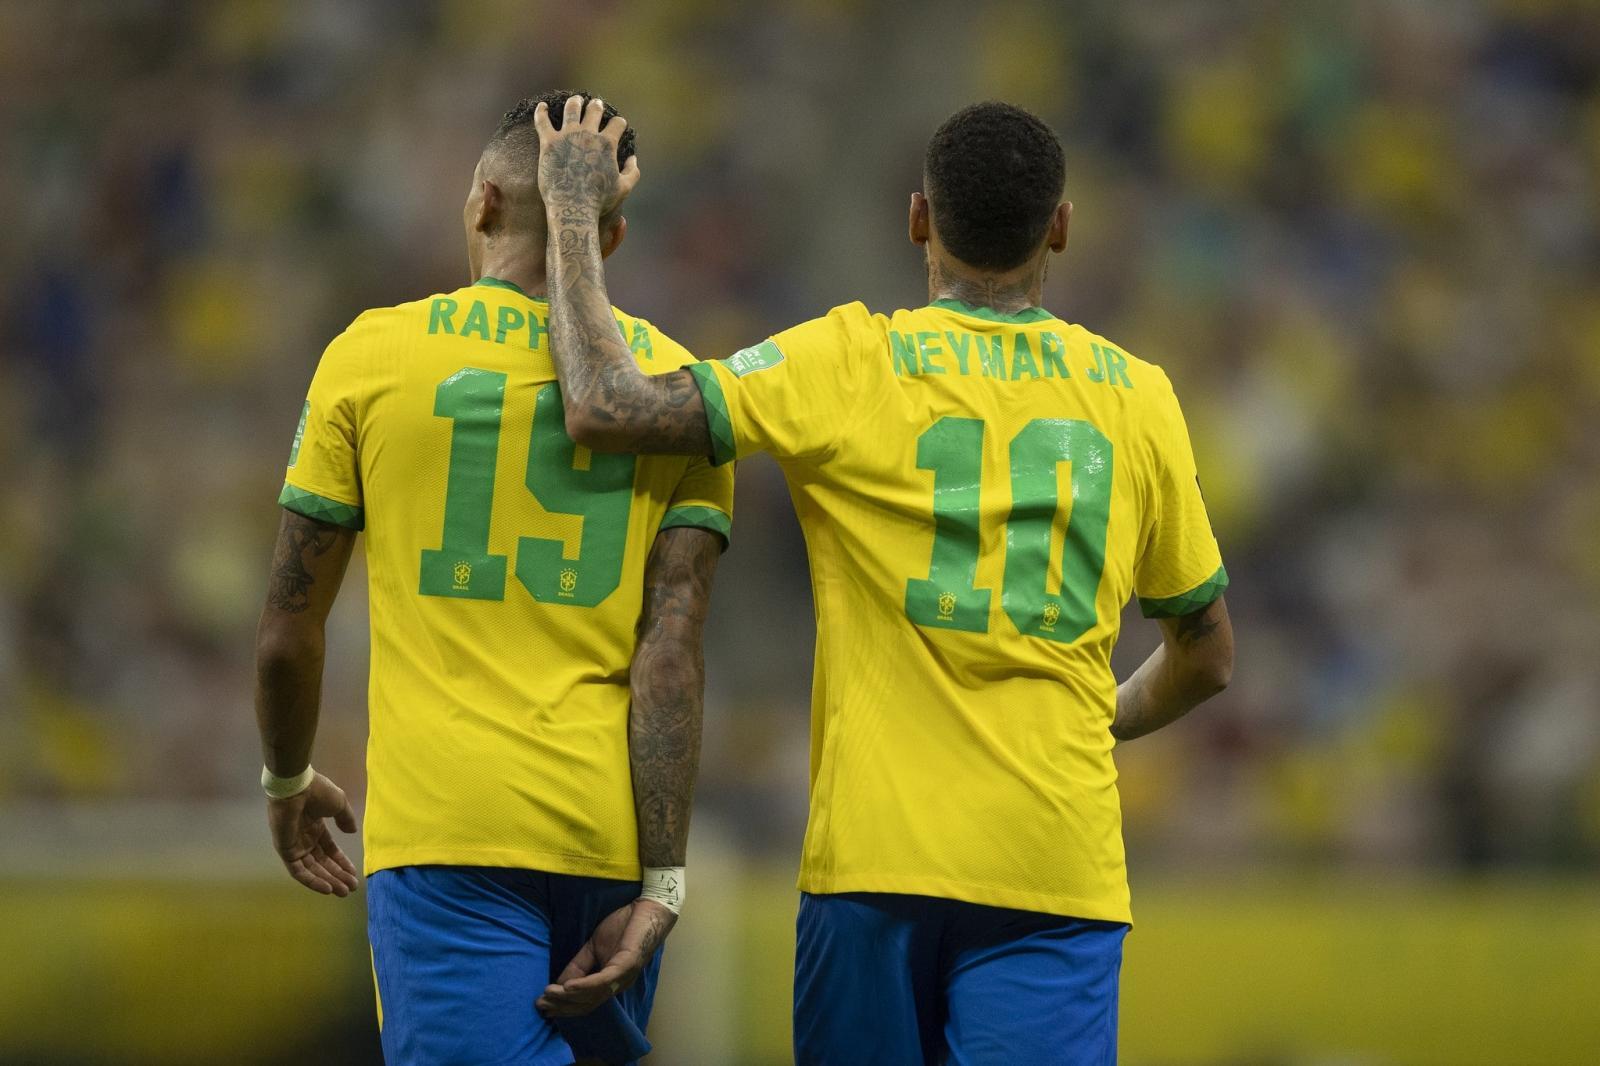 Raphinha se destaca, Brasil brilha e goleia Uruguai por impiedosos 4 a 1